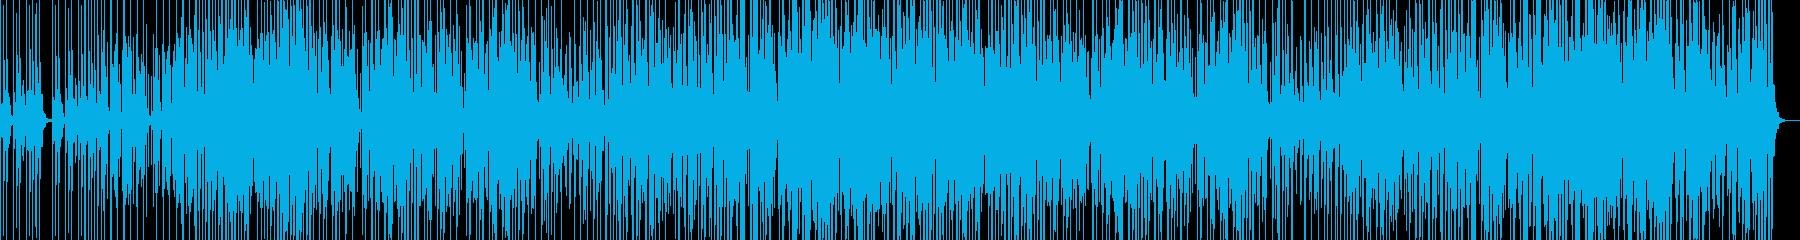 声と笛が絡み合う不思議なBGMの再生済みの波形